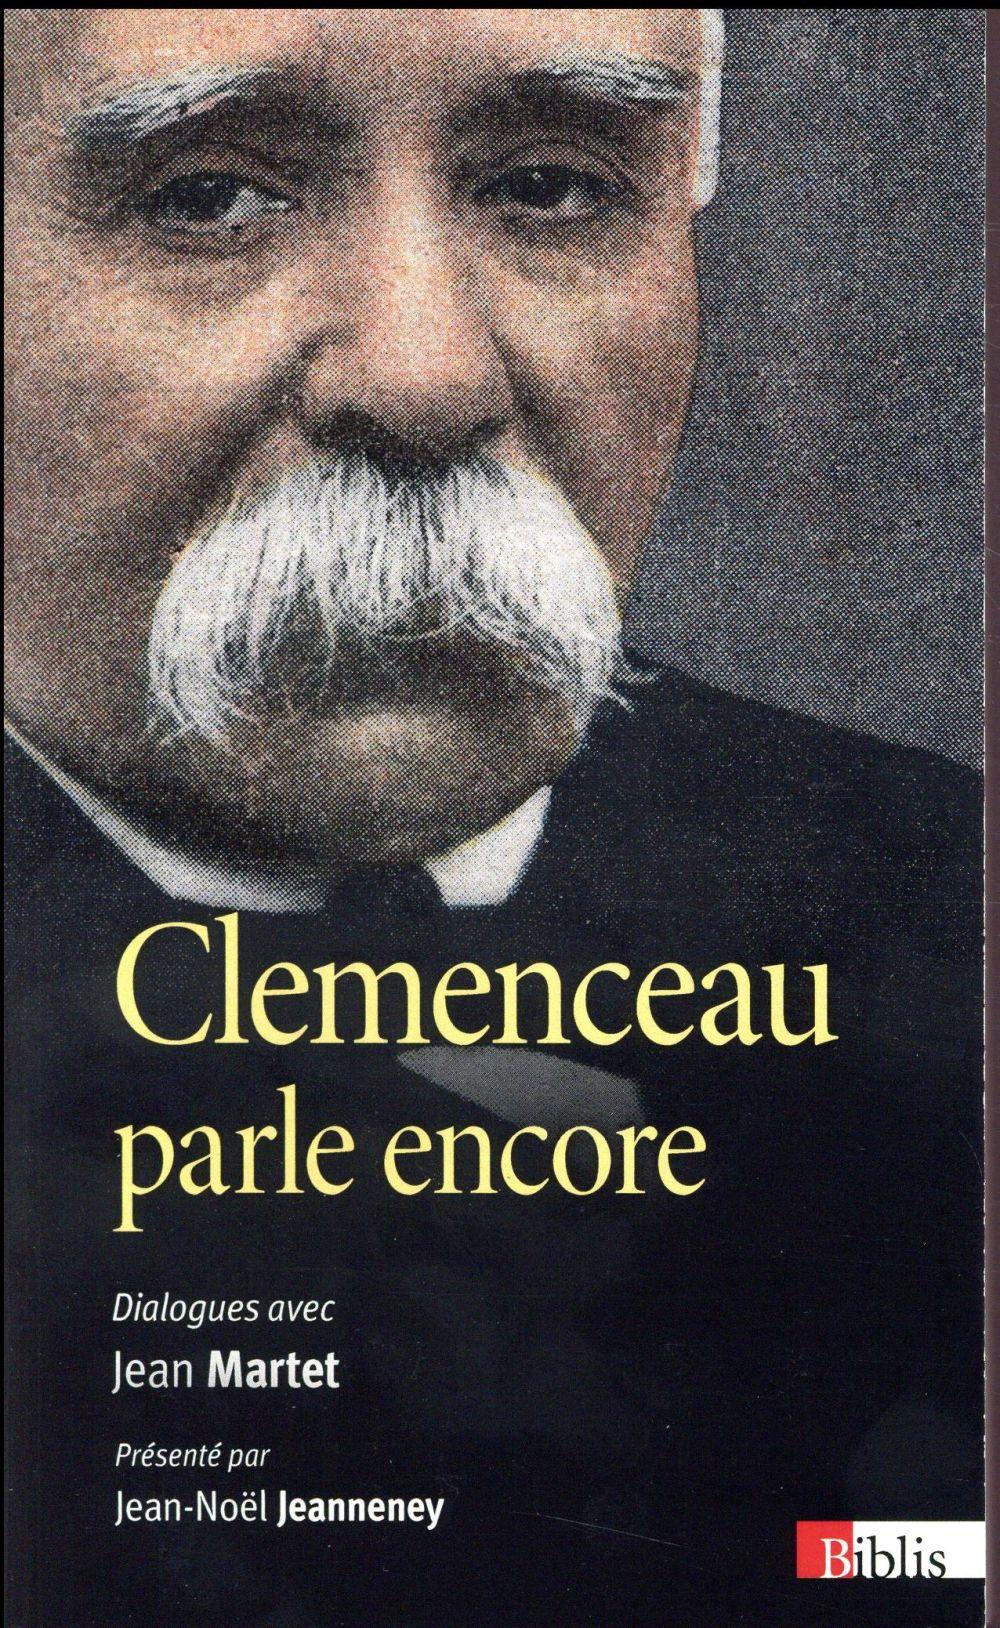 CLEMENCEAU PARLE ENCORE. DIALOGUES AVEC JEAN MARTET